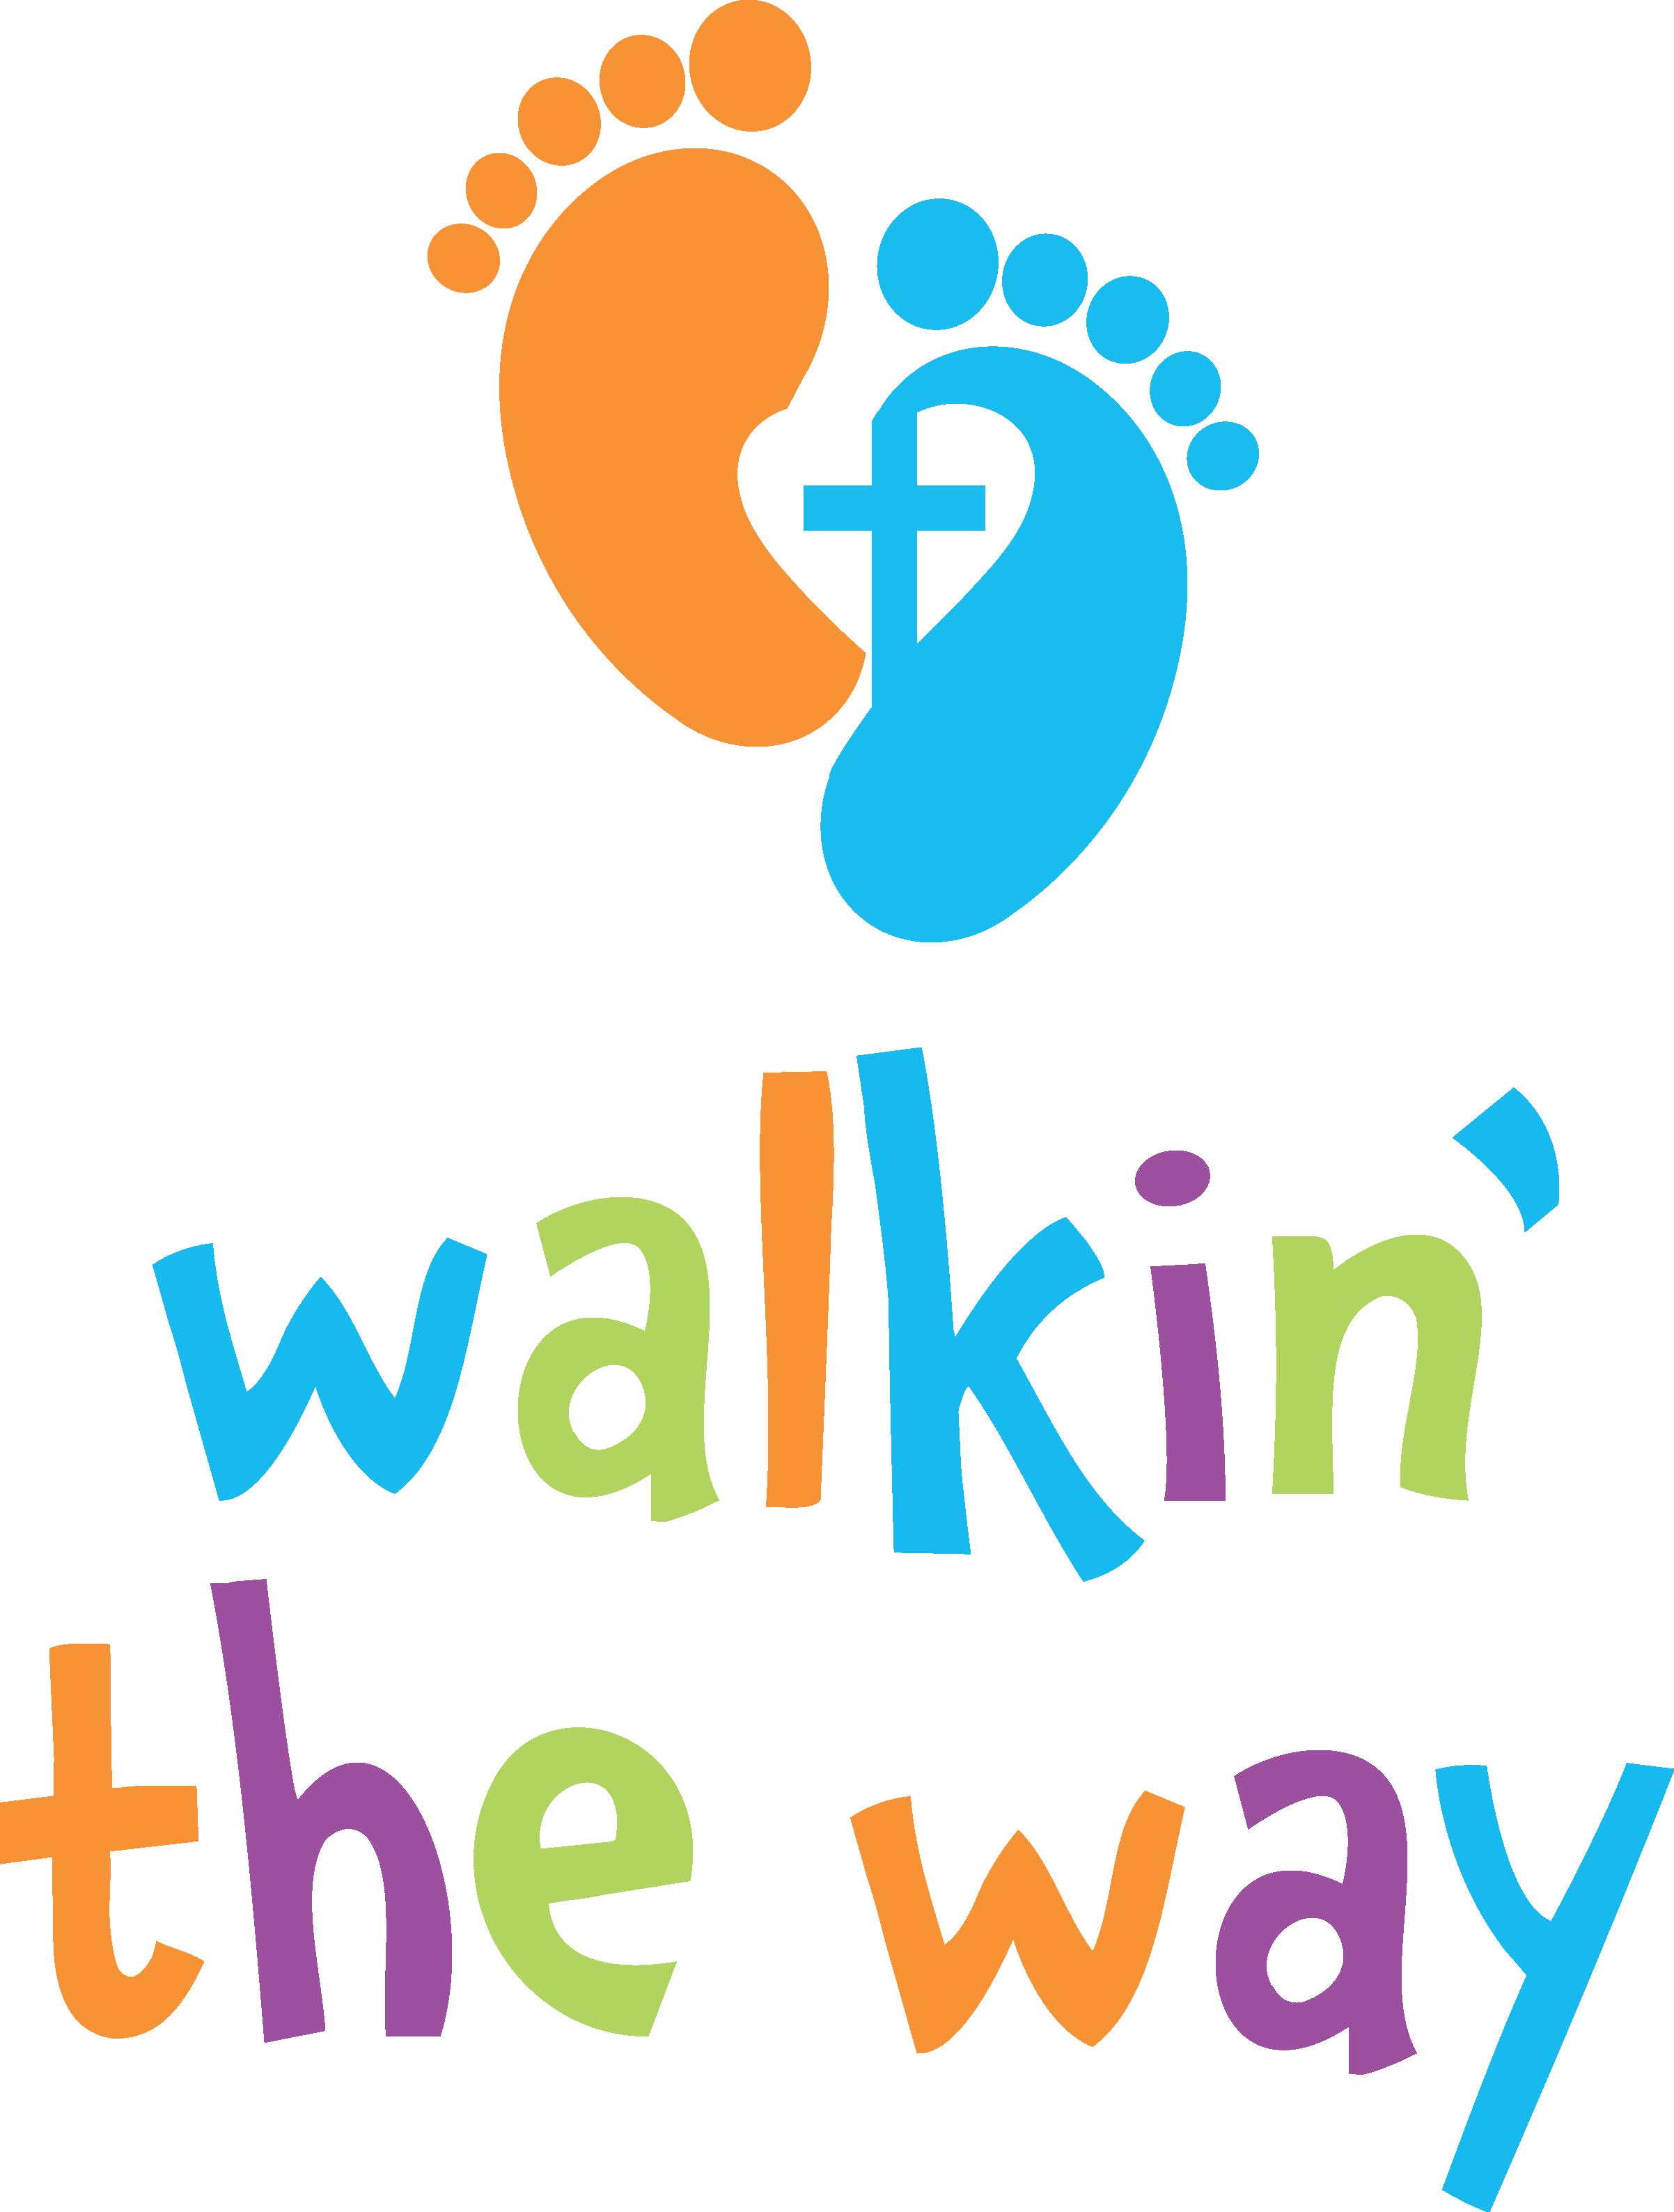 walkintheway_final_logo2